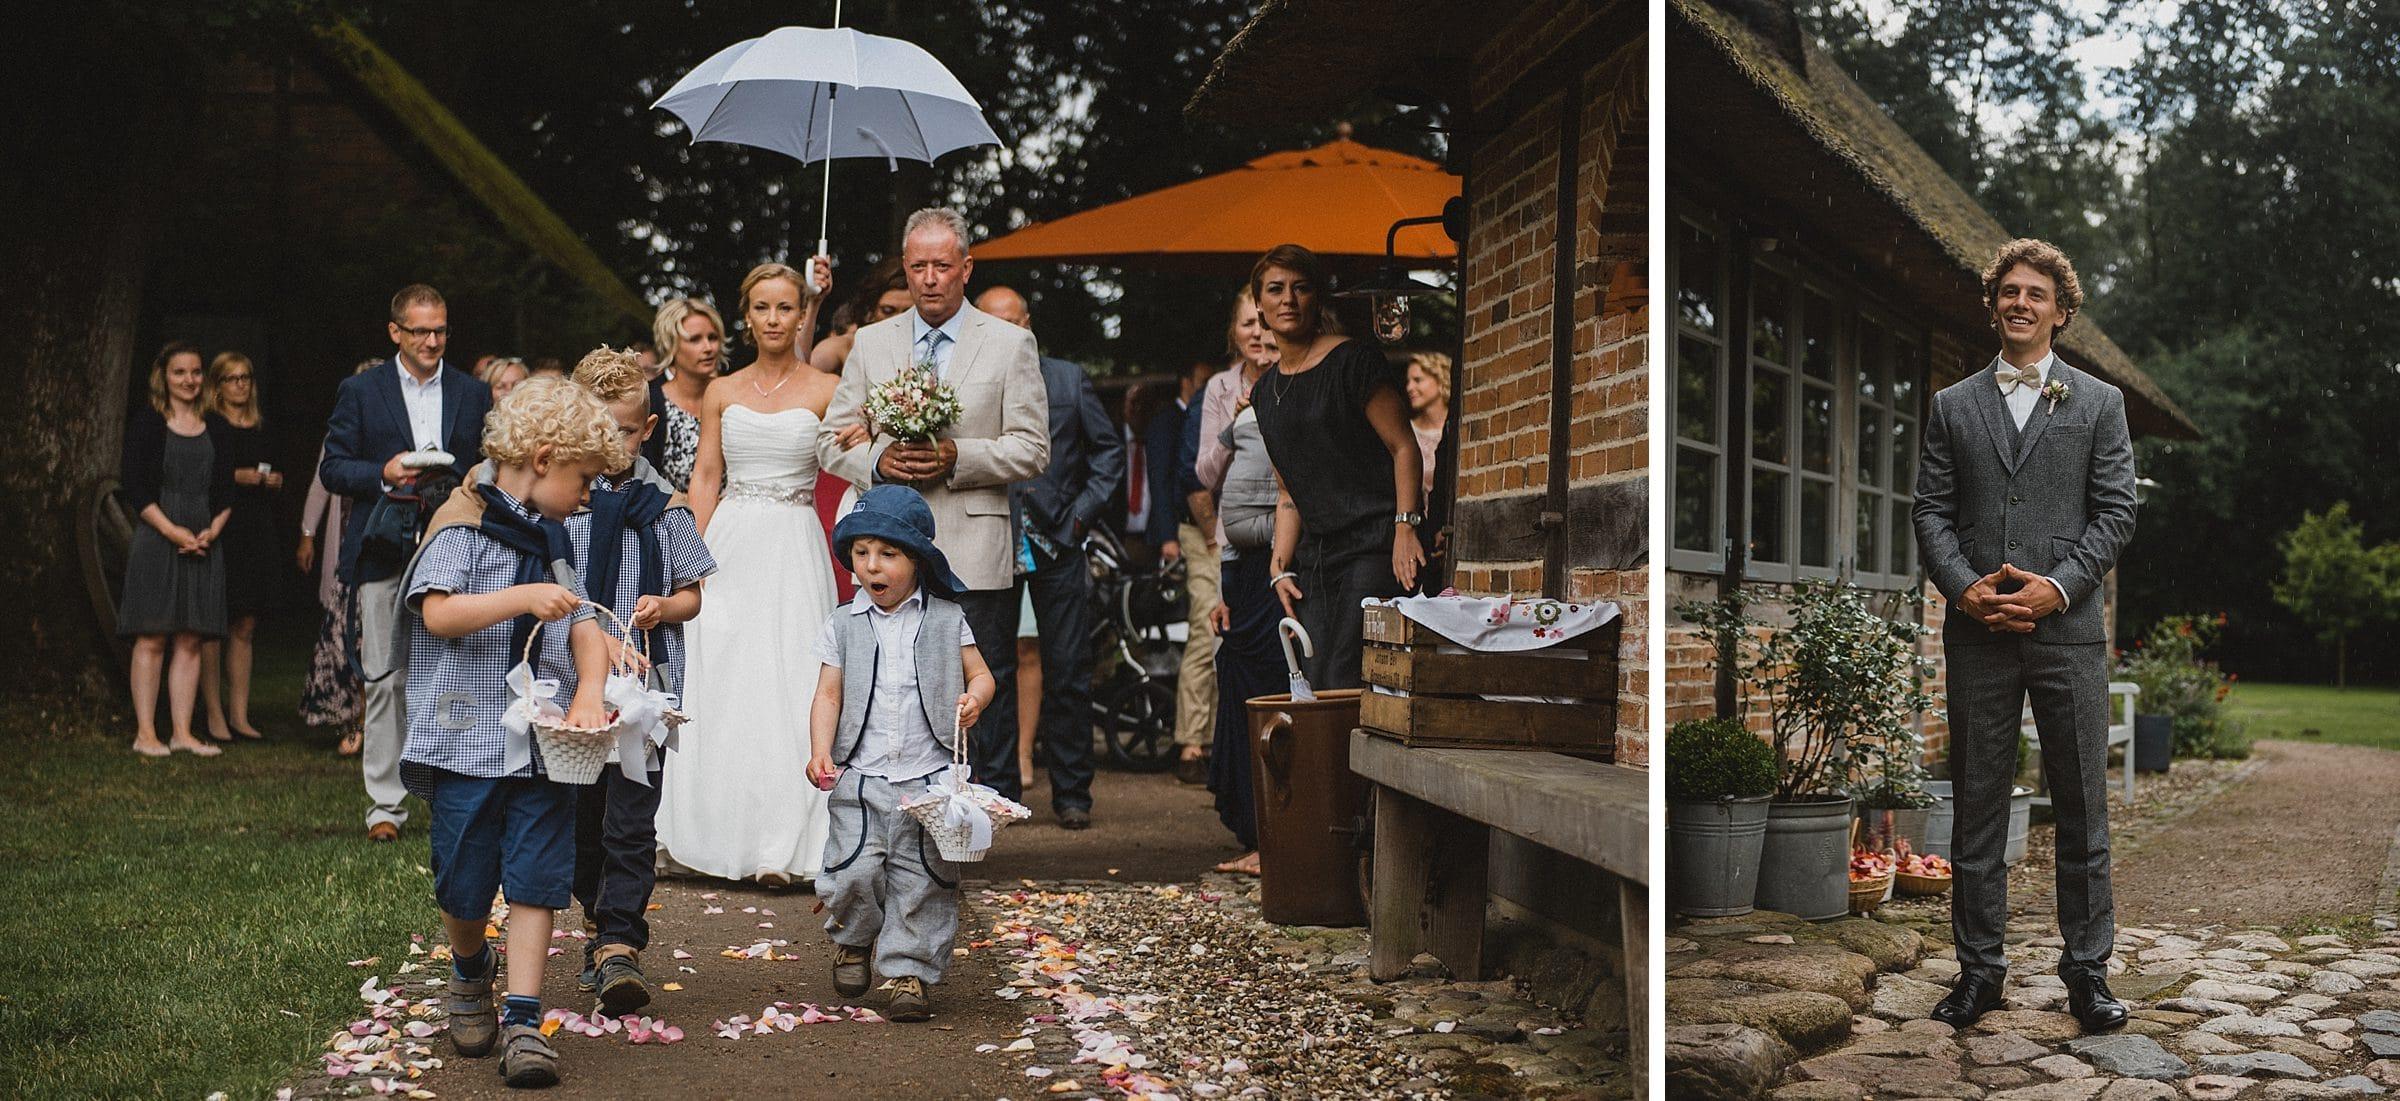 Hochzeitsfotografie-Frau-Siemers-Hof Weihe-Bräutigam wartet auf seine Braut